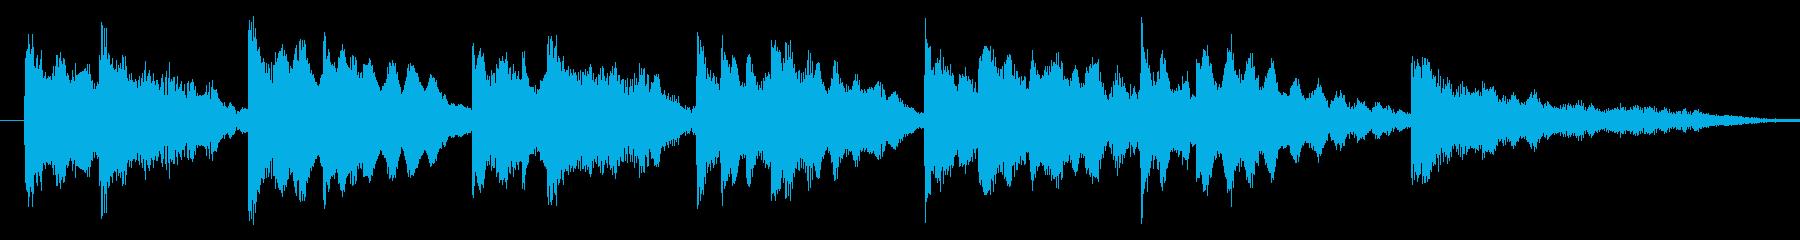 キレイ系の優しいエレピのジングル-aの再生済みの波形